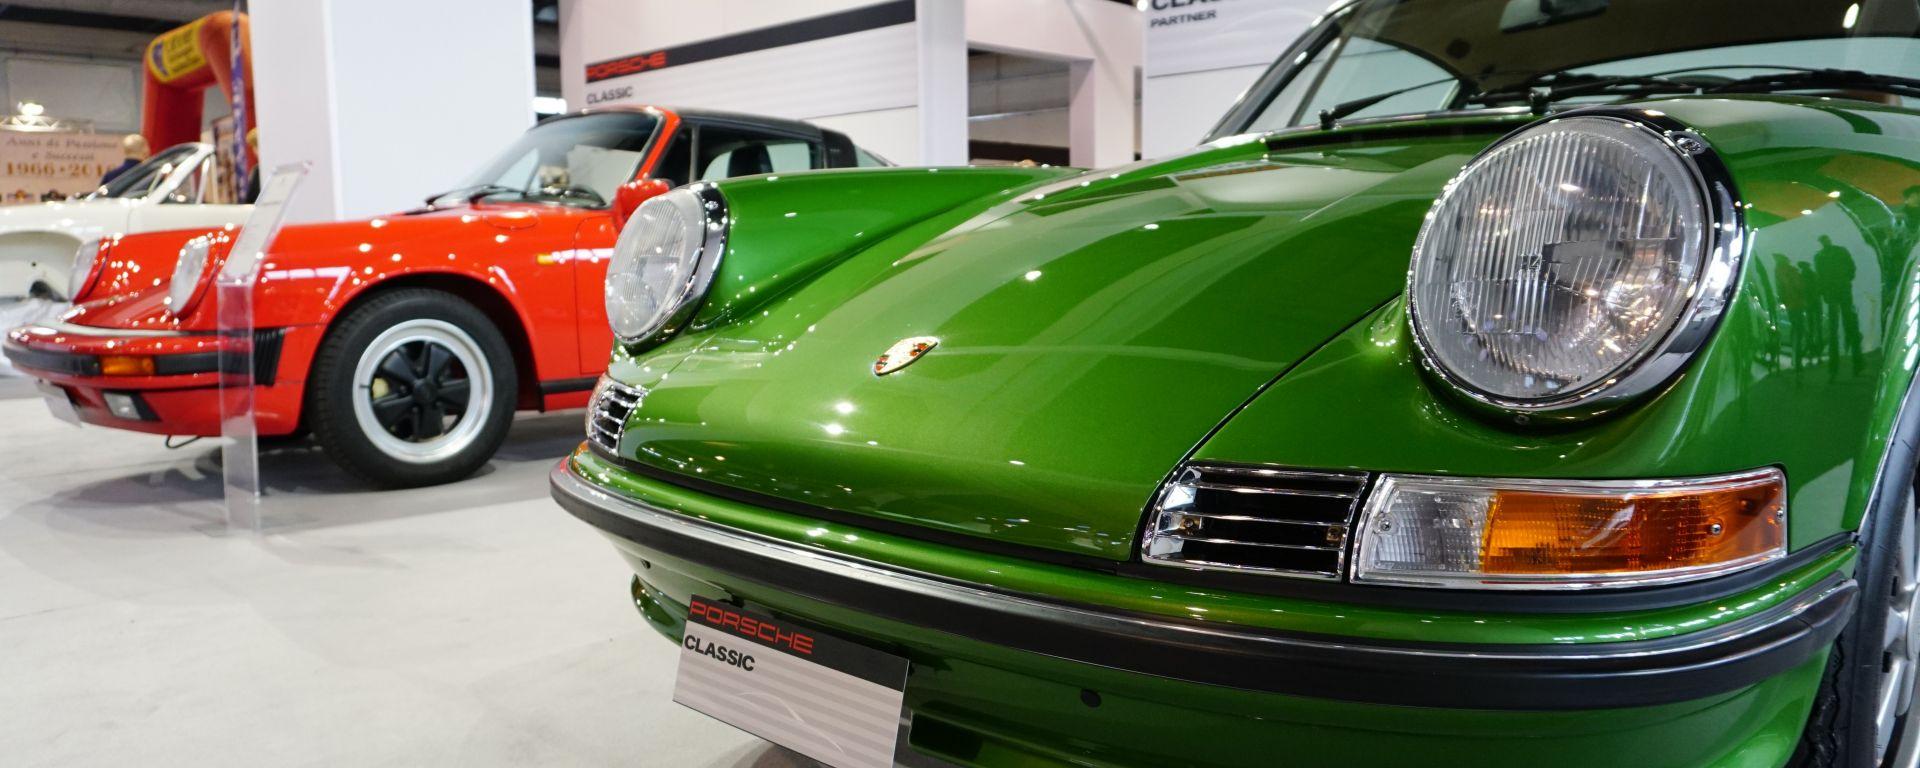 Auto e Moto d'Epoca: al via la 33a edizione. Guarda la gallery